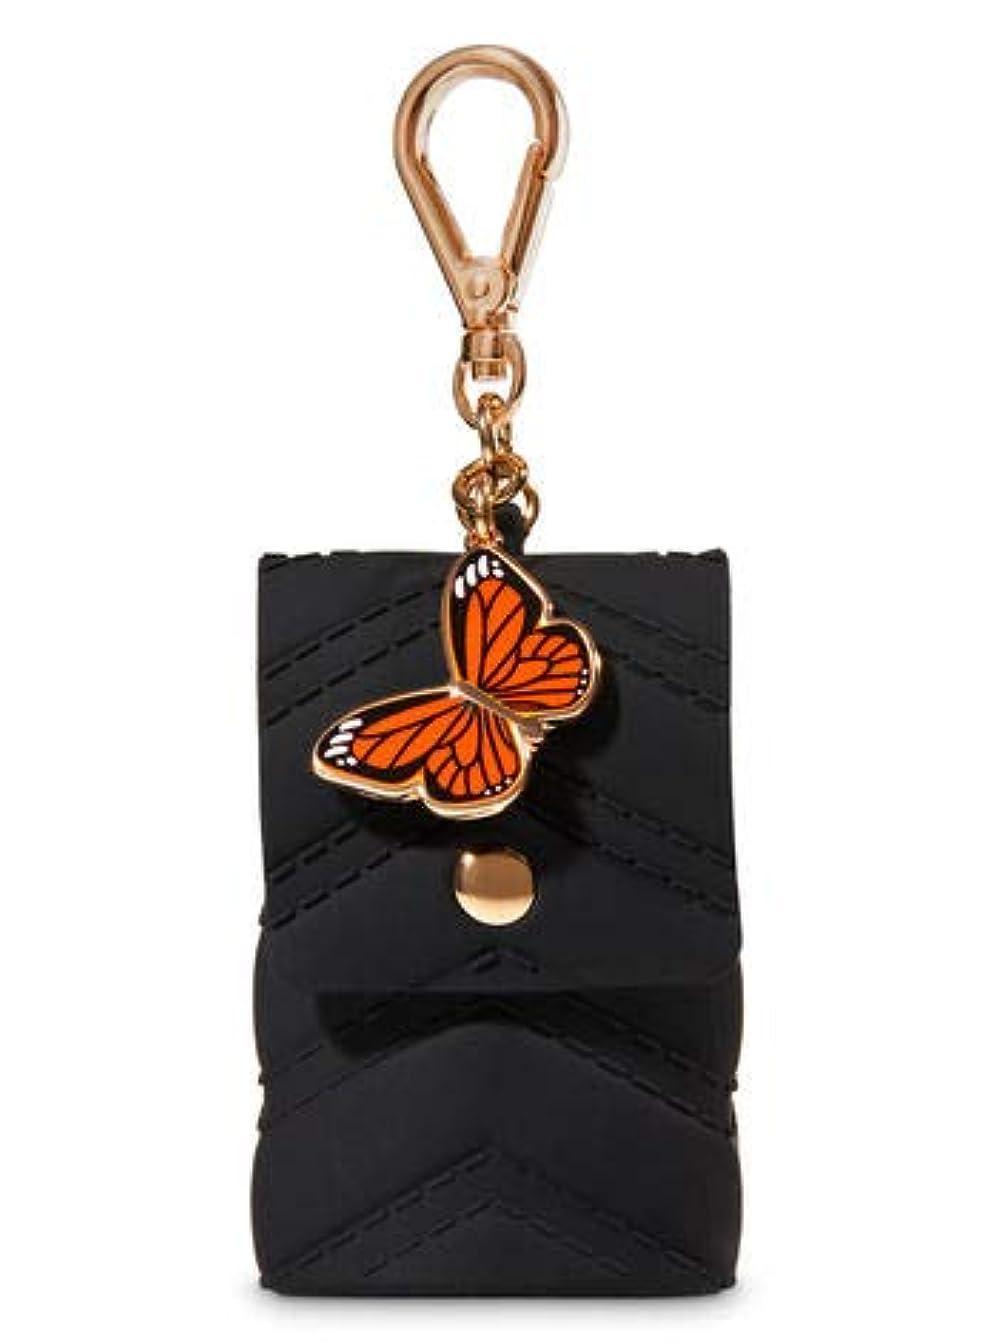 洗練された最適アライメント【Bath&Body Works/バス&ボディワークス】 抗菌ハンドジェルホルダー バタフライチャーム Pocketbac Holder Butterfly Charm [並行輸入品]